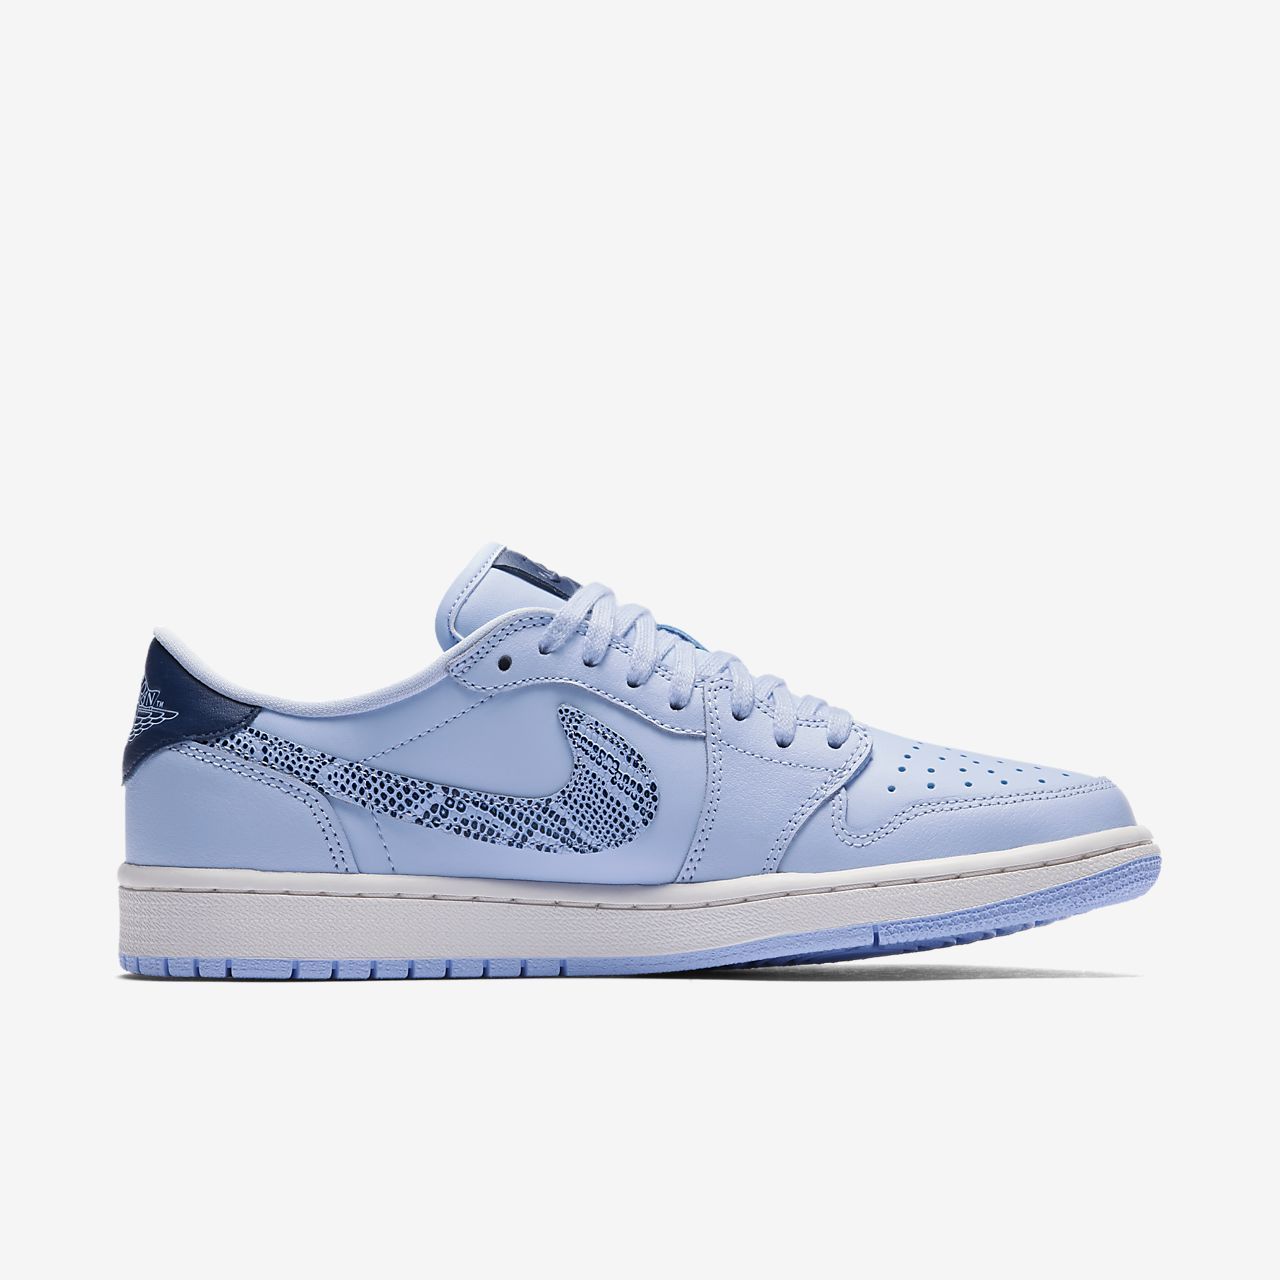 a60446ce5bebab Air Jordan 1 Retro Low OG Women s Shoe. Nike.com CA